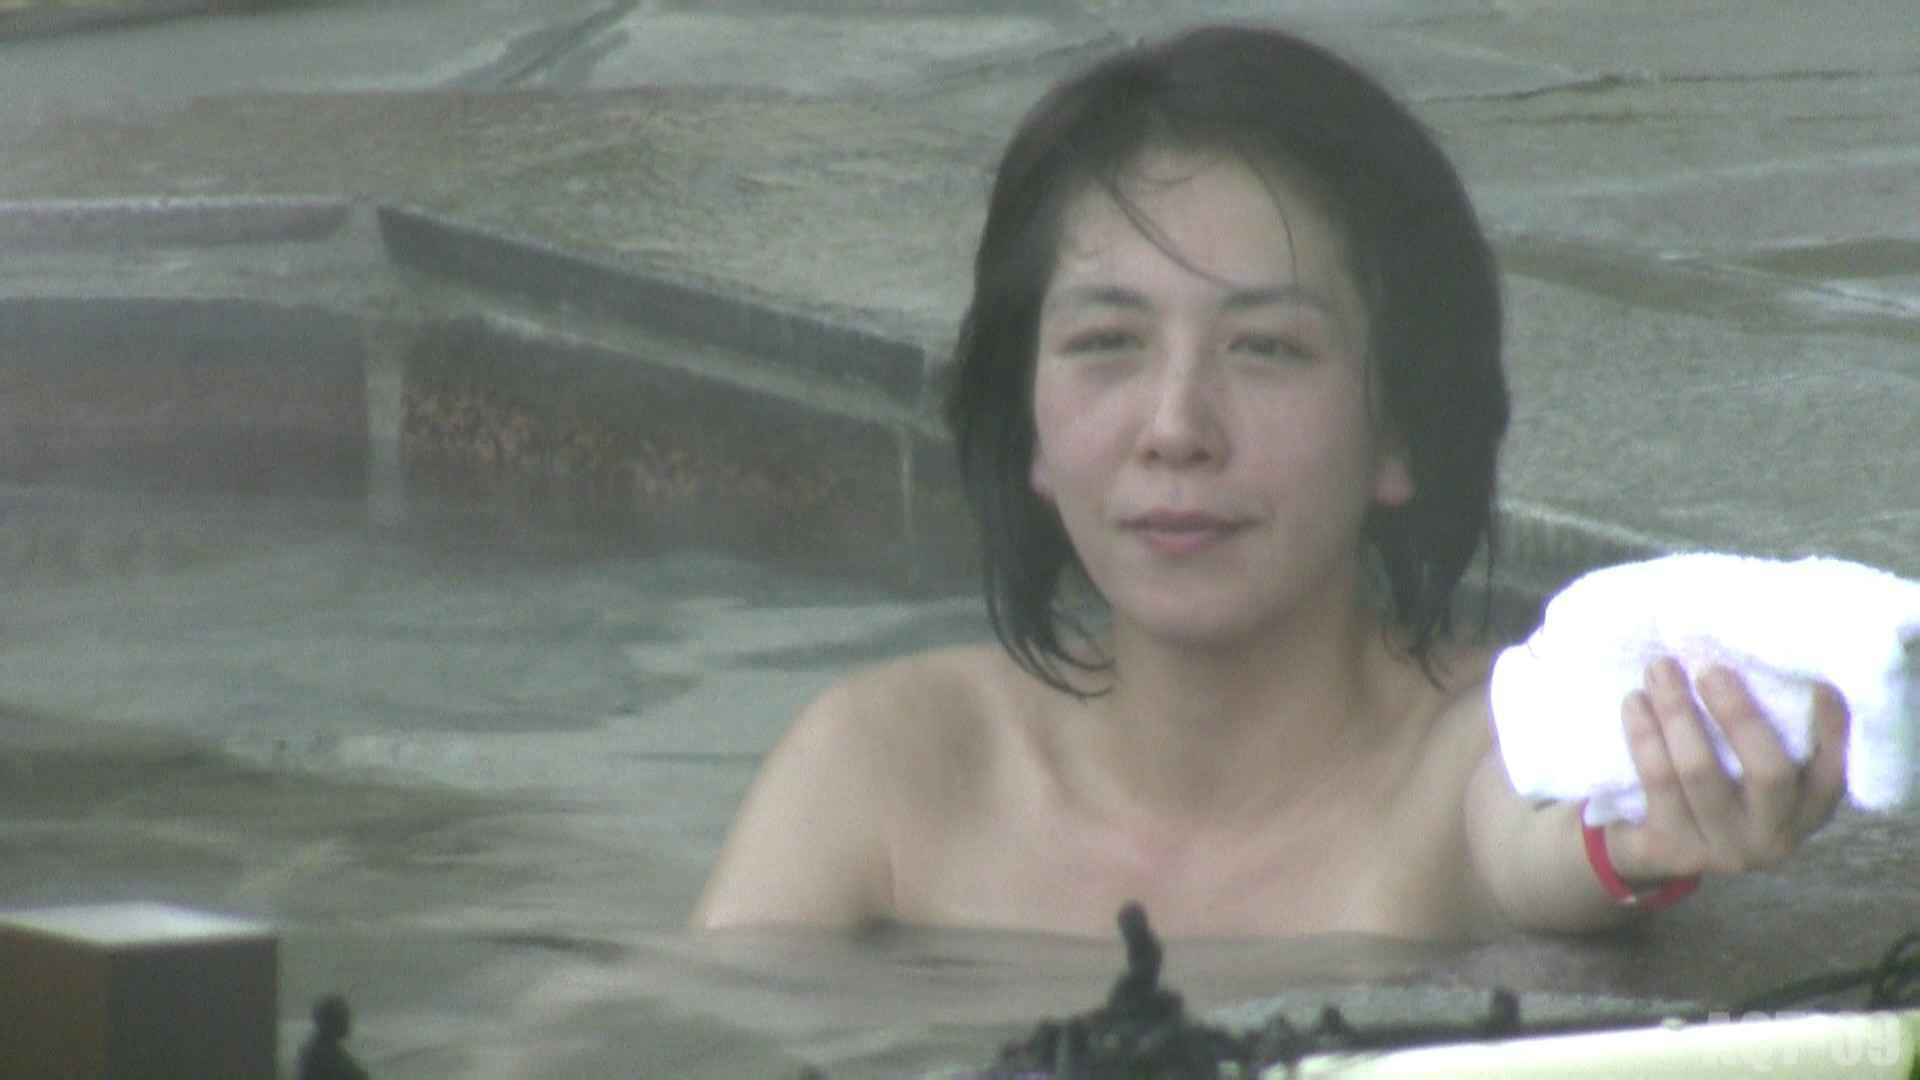 Aquaな露天風呂Vol.788 露天  48PICs 15